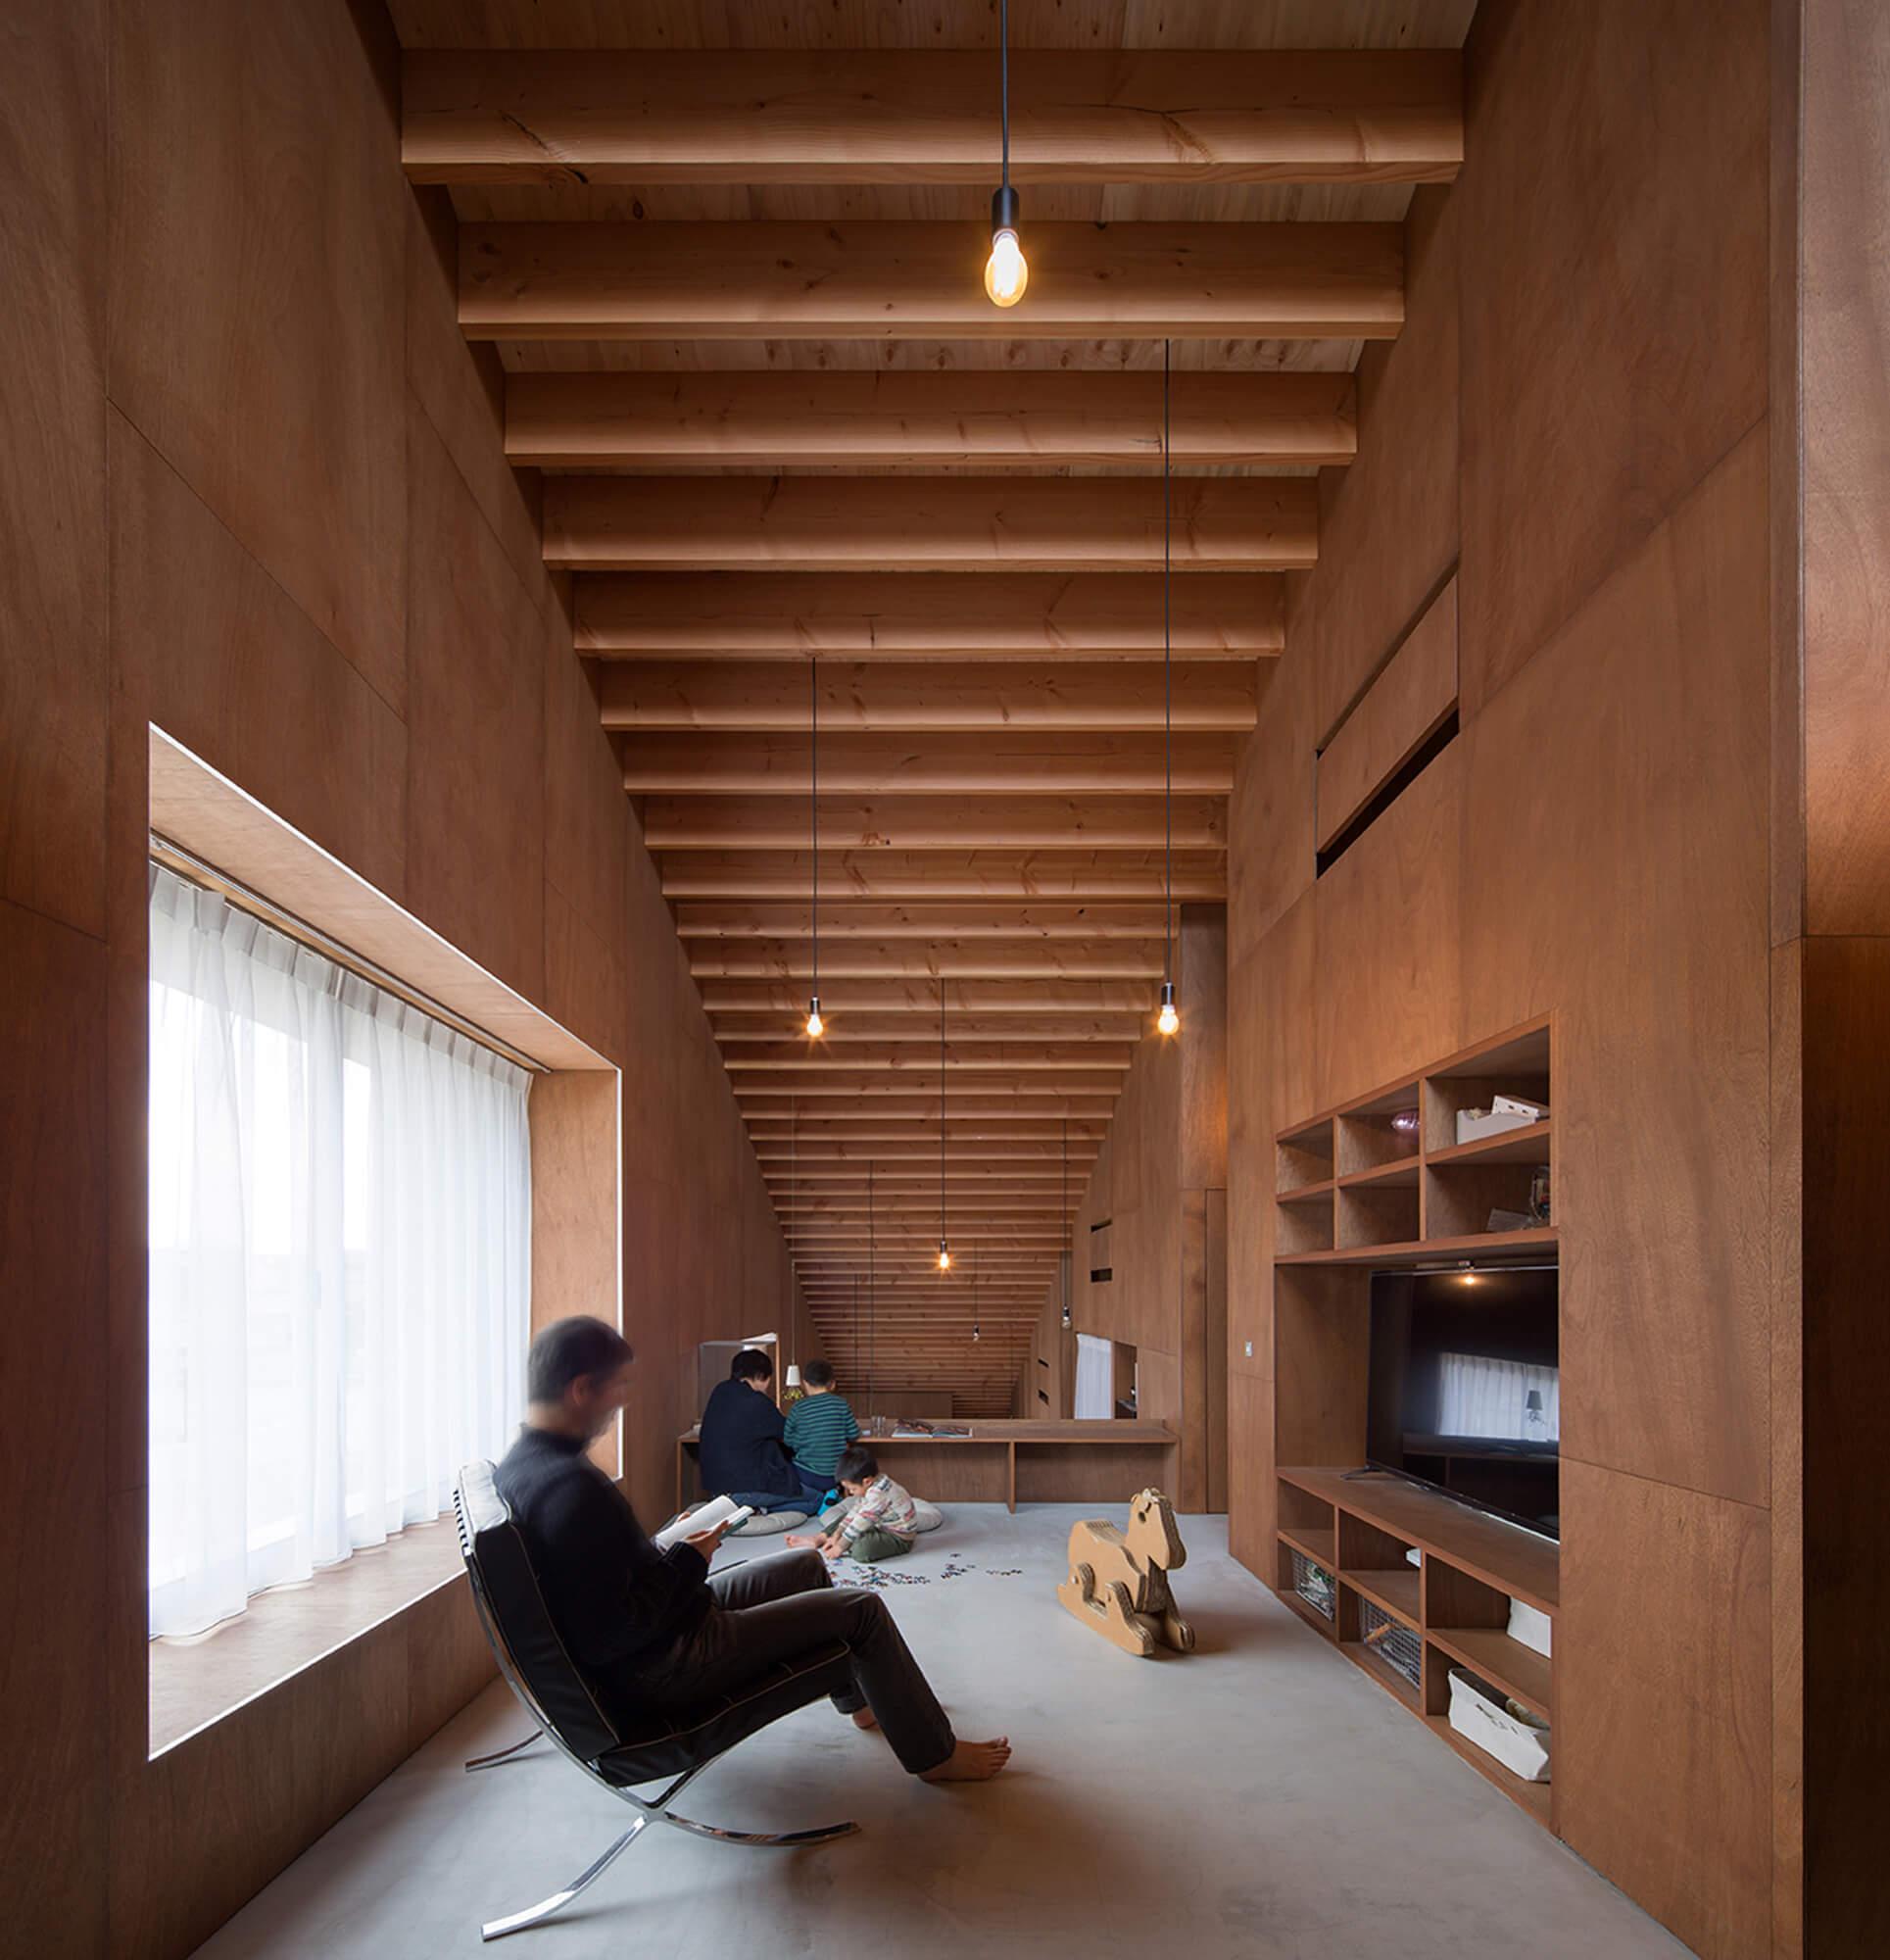 『5層のワンルーム住居』建築写真・竣工写真・インテリア写真12